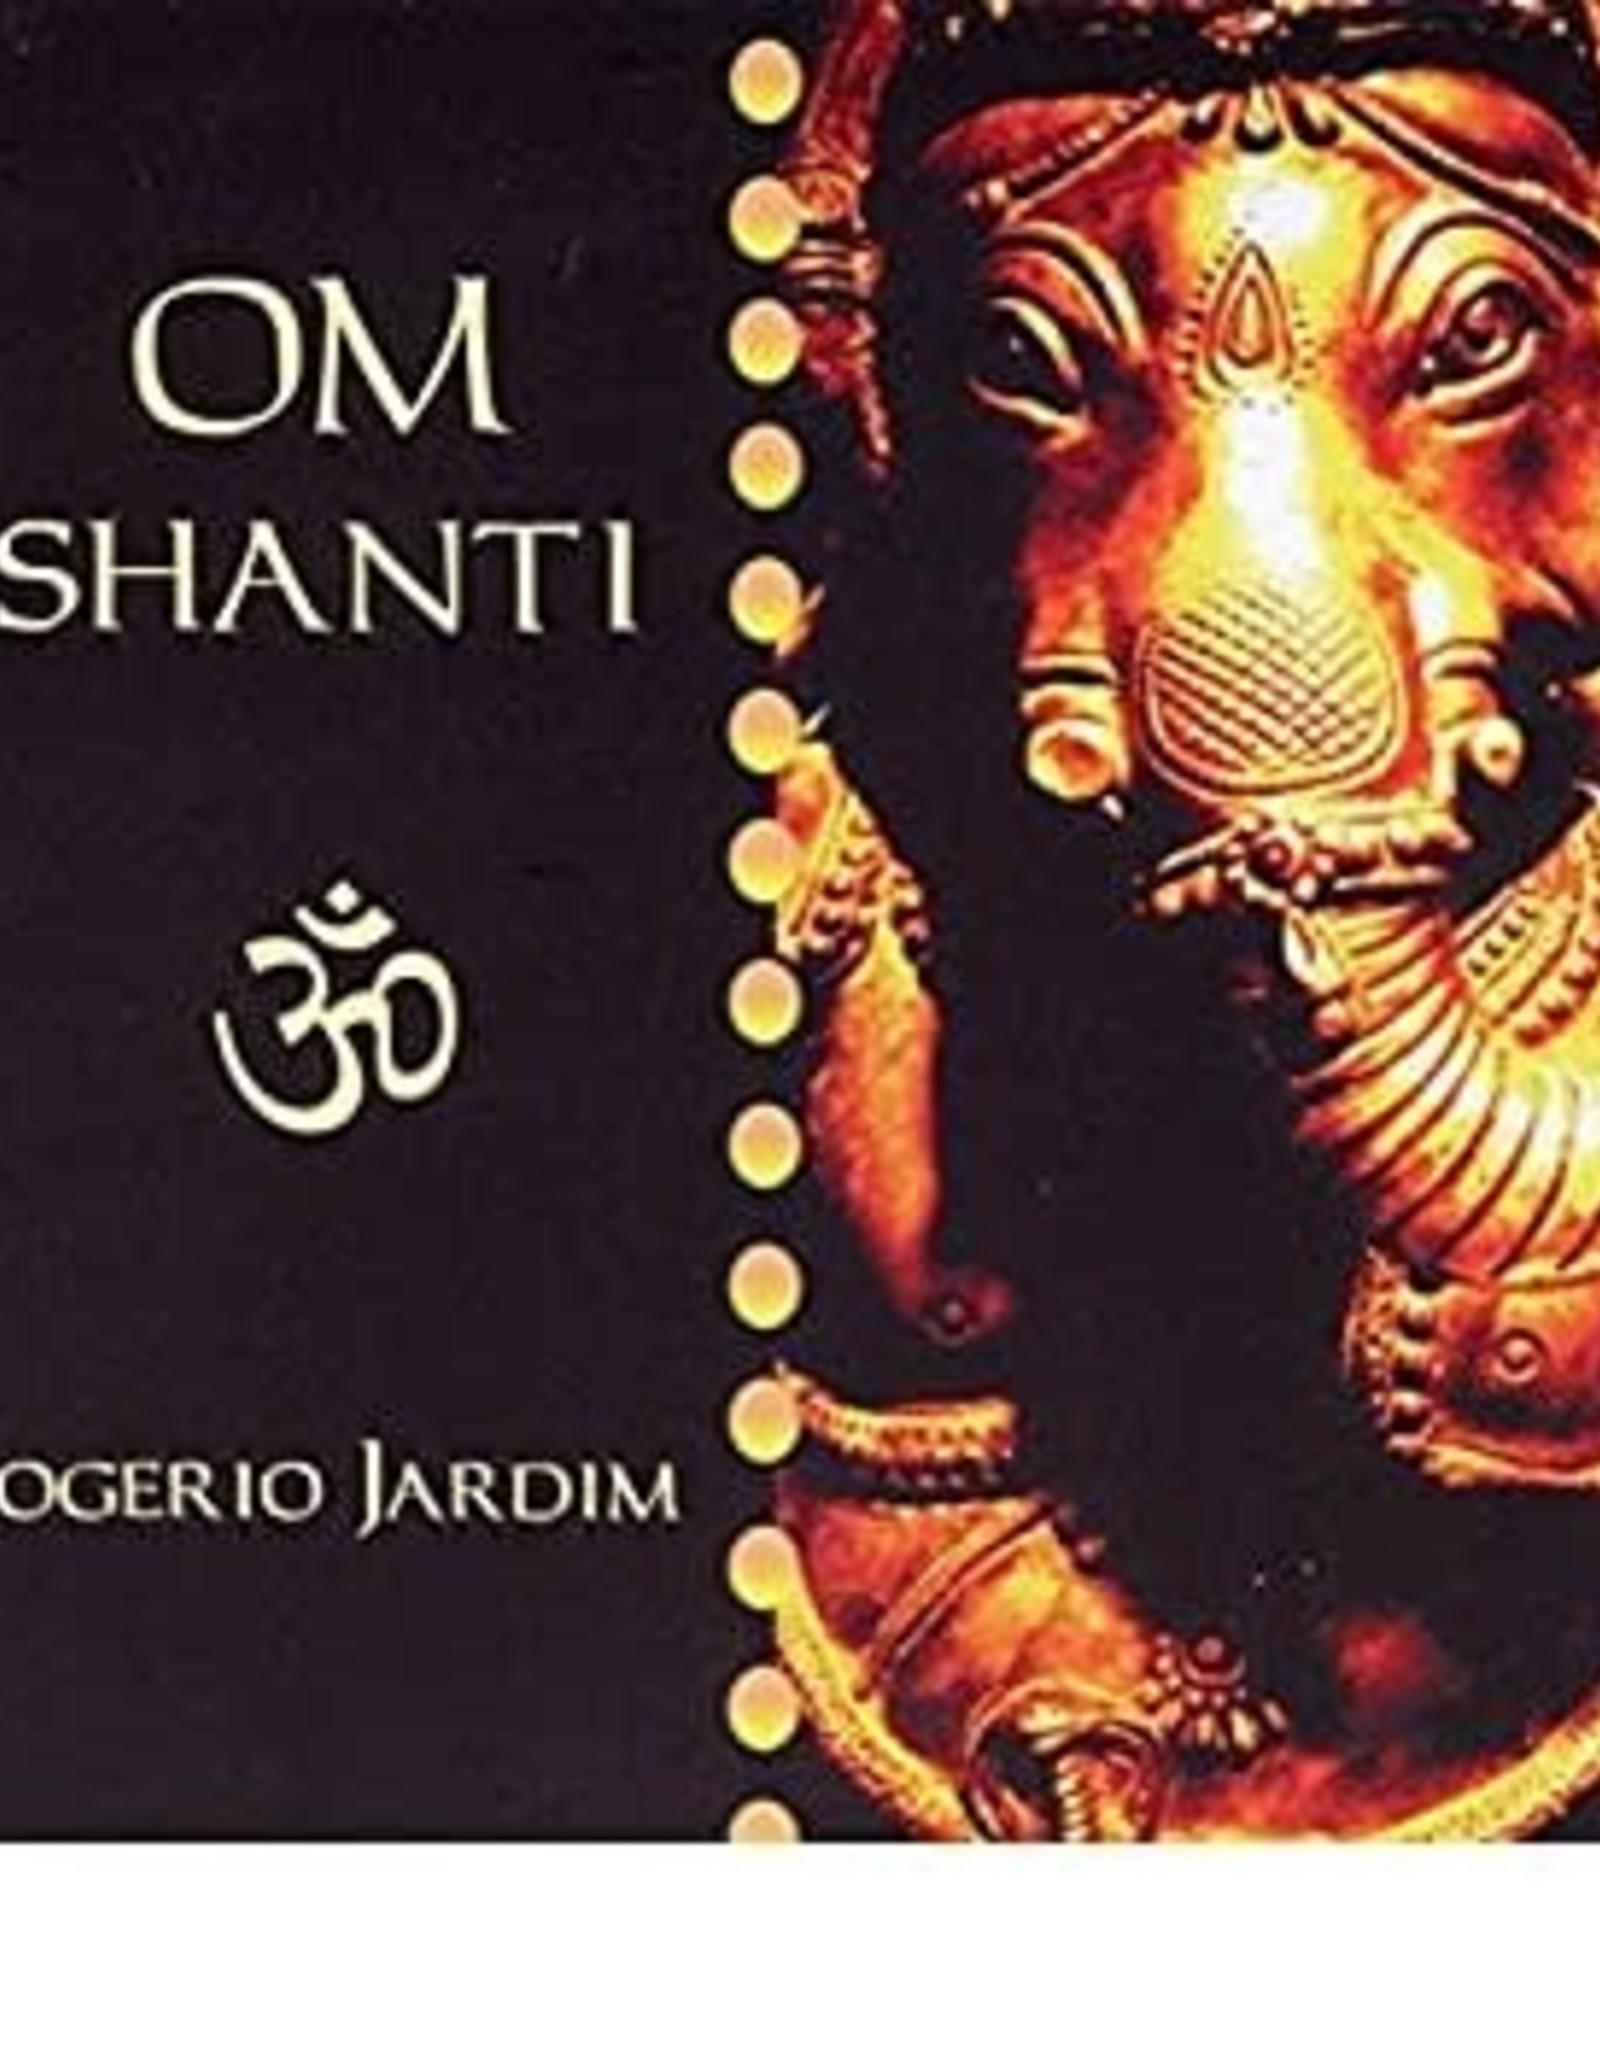 Rogerio Jardim OM Shanti CD by Rogerio Jardim